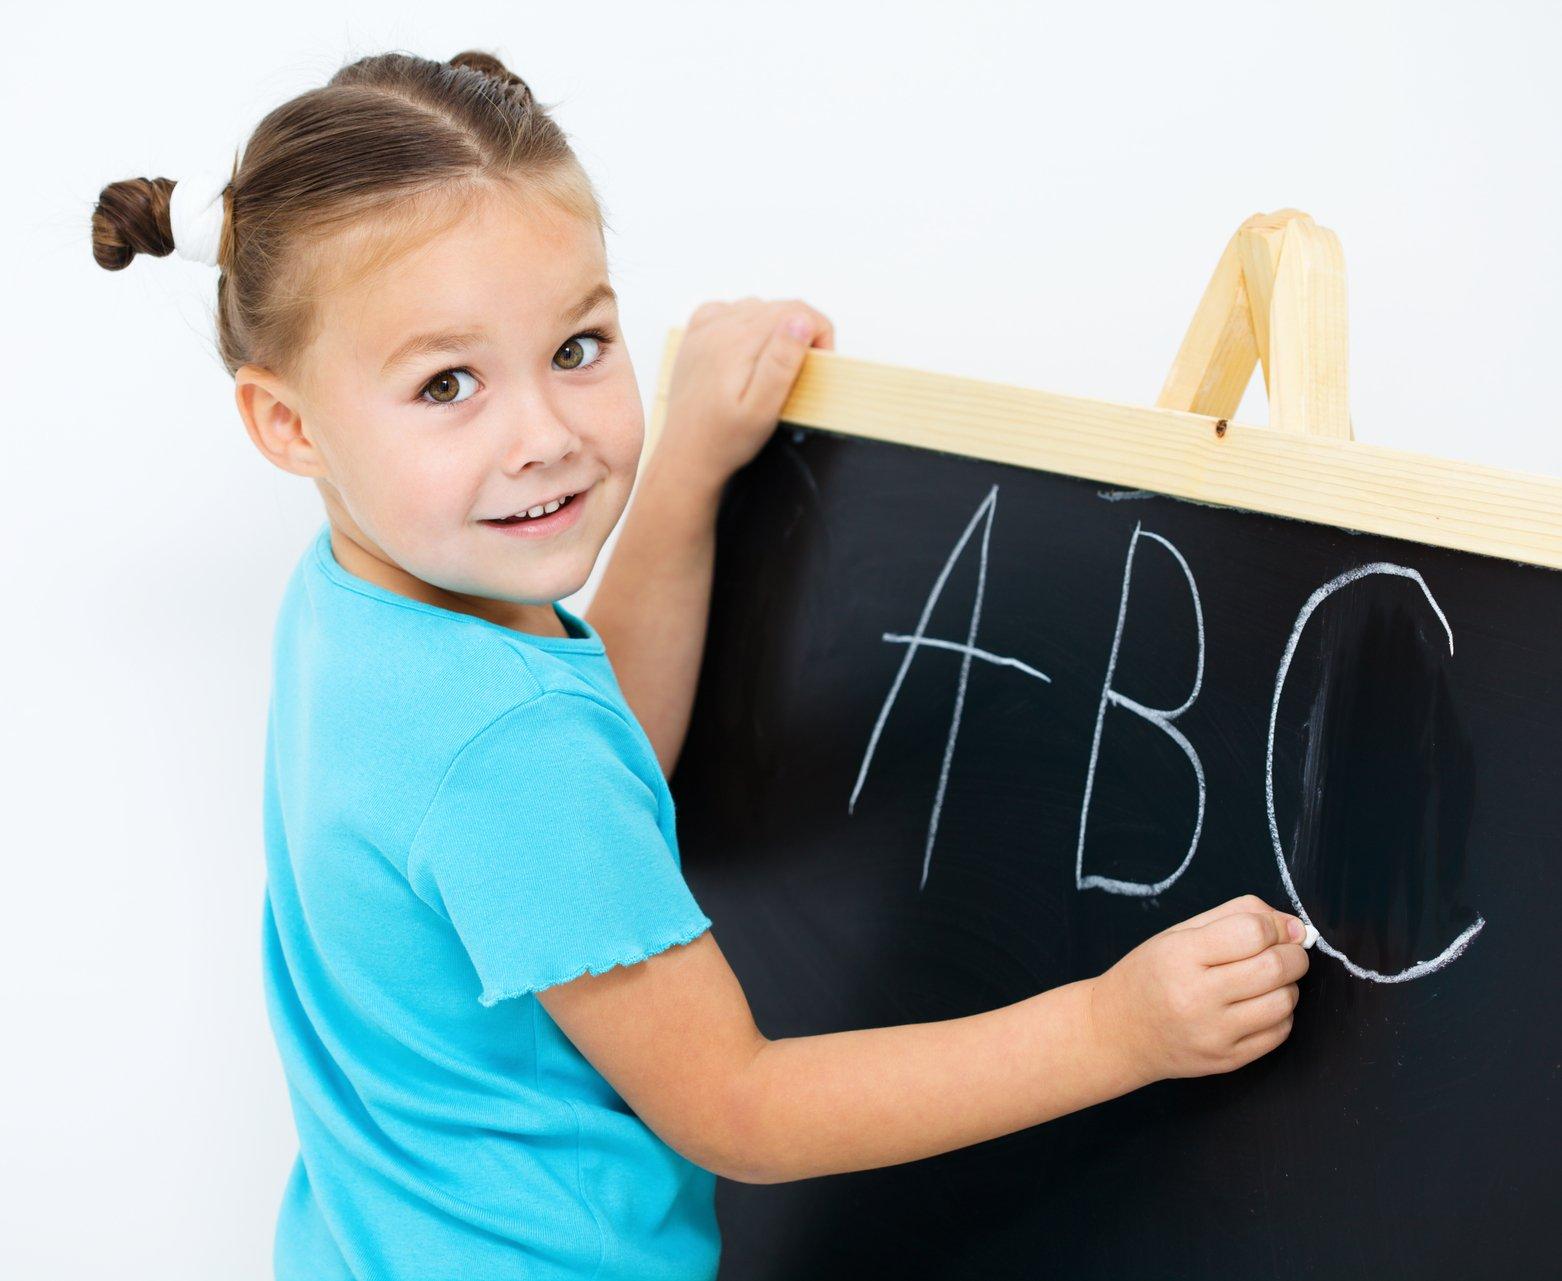 Второй язык для ребенка: преимущества и недостатки билингвизма.